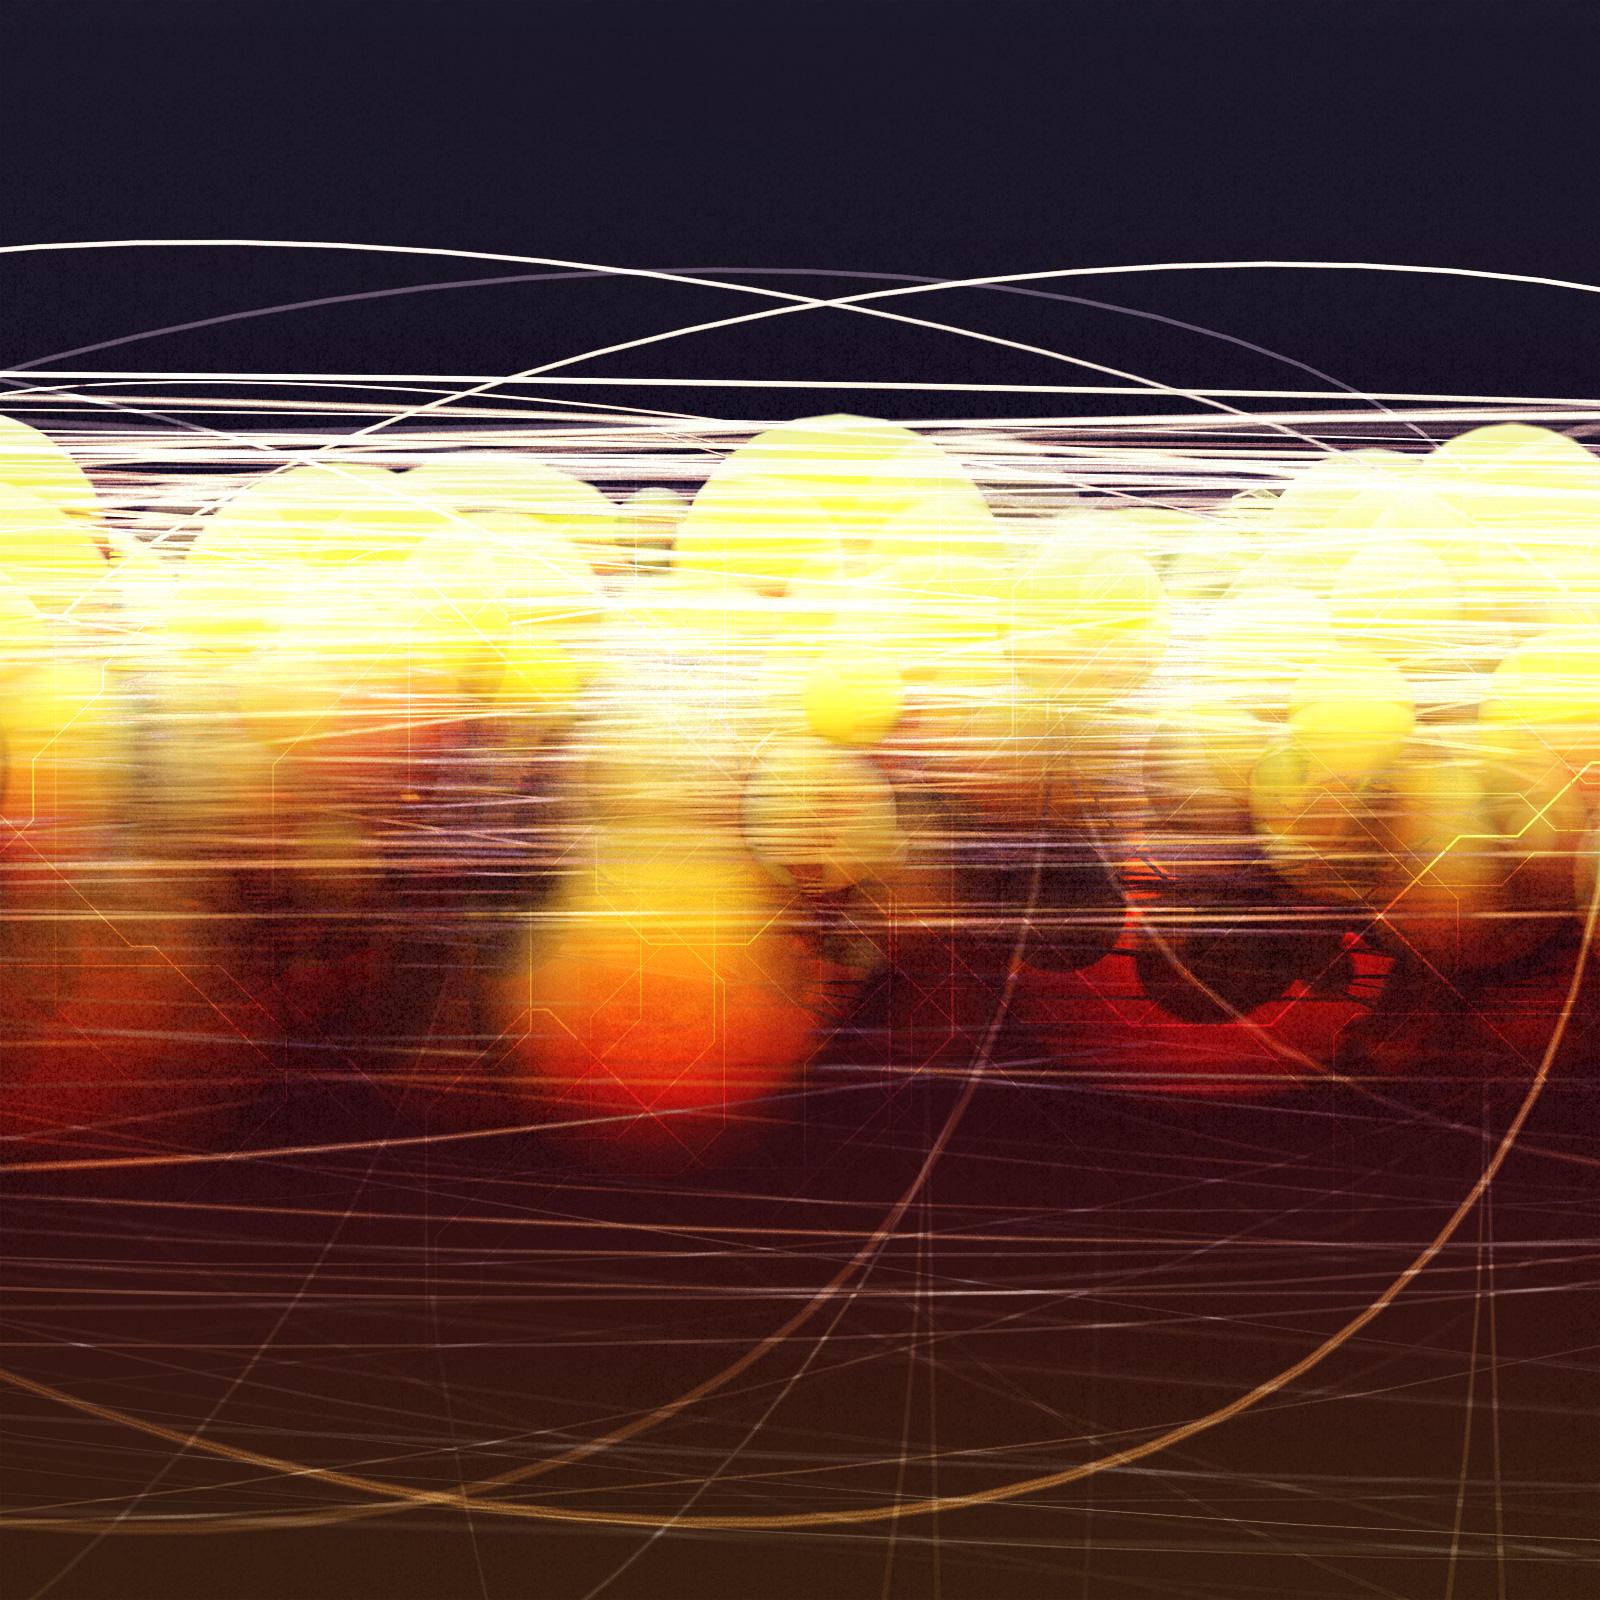 overlap-02-horizon-000.jpg